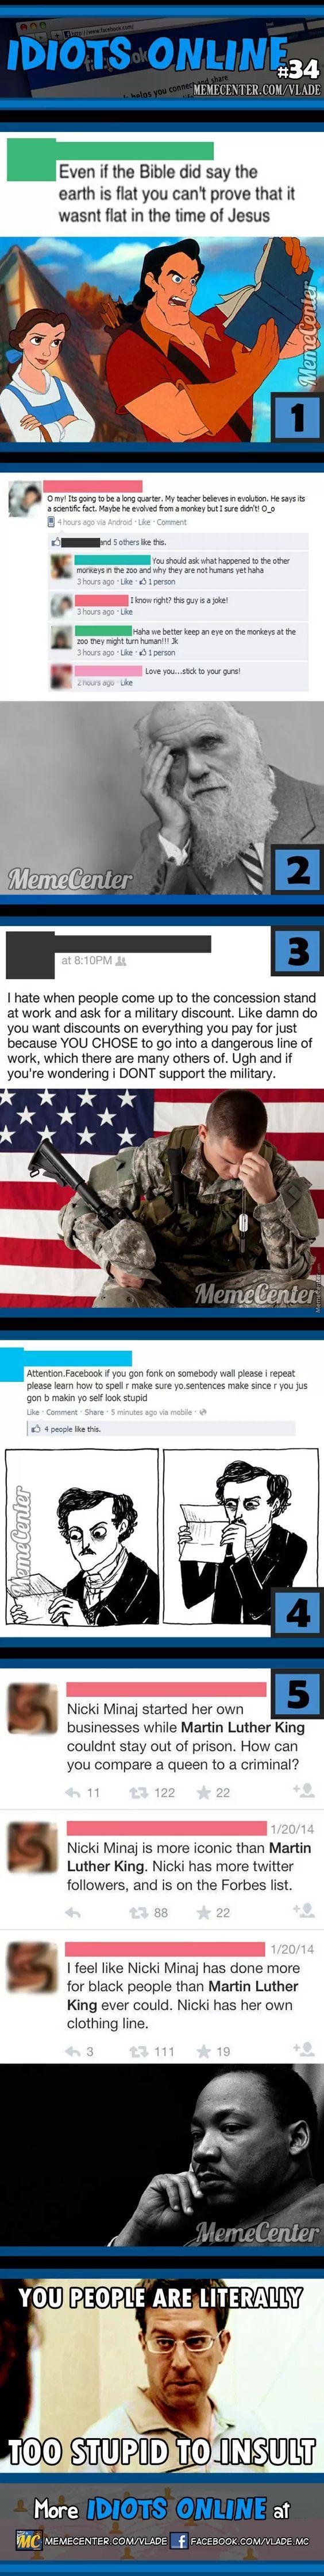 Idiots Online #34 - Meme Center: